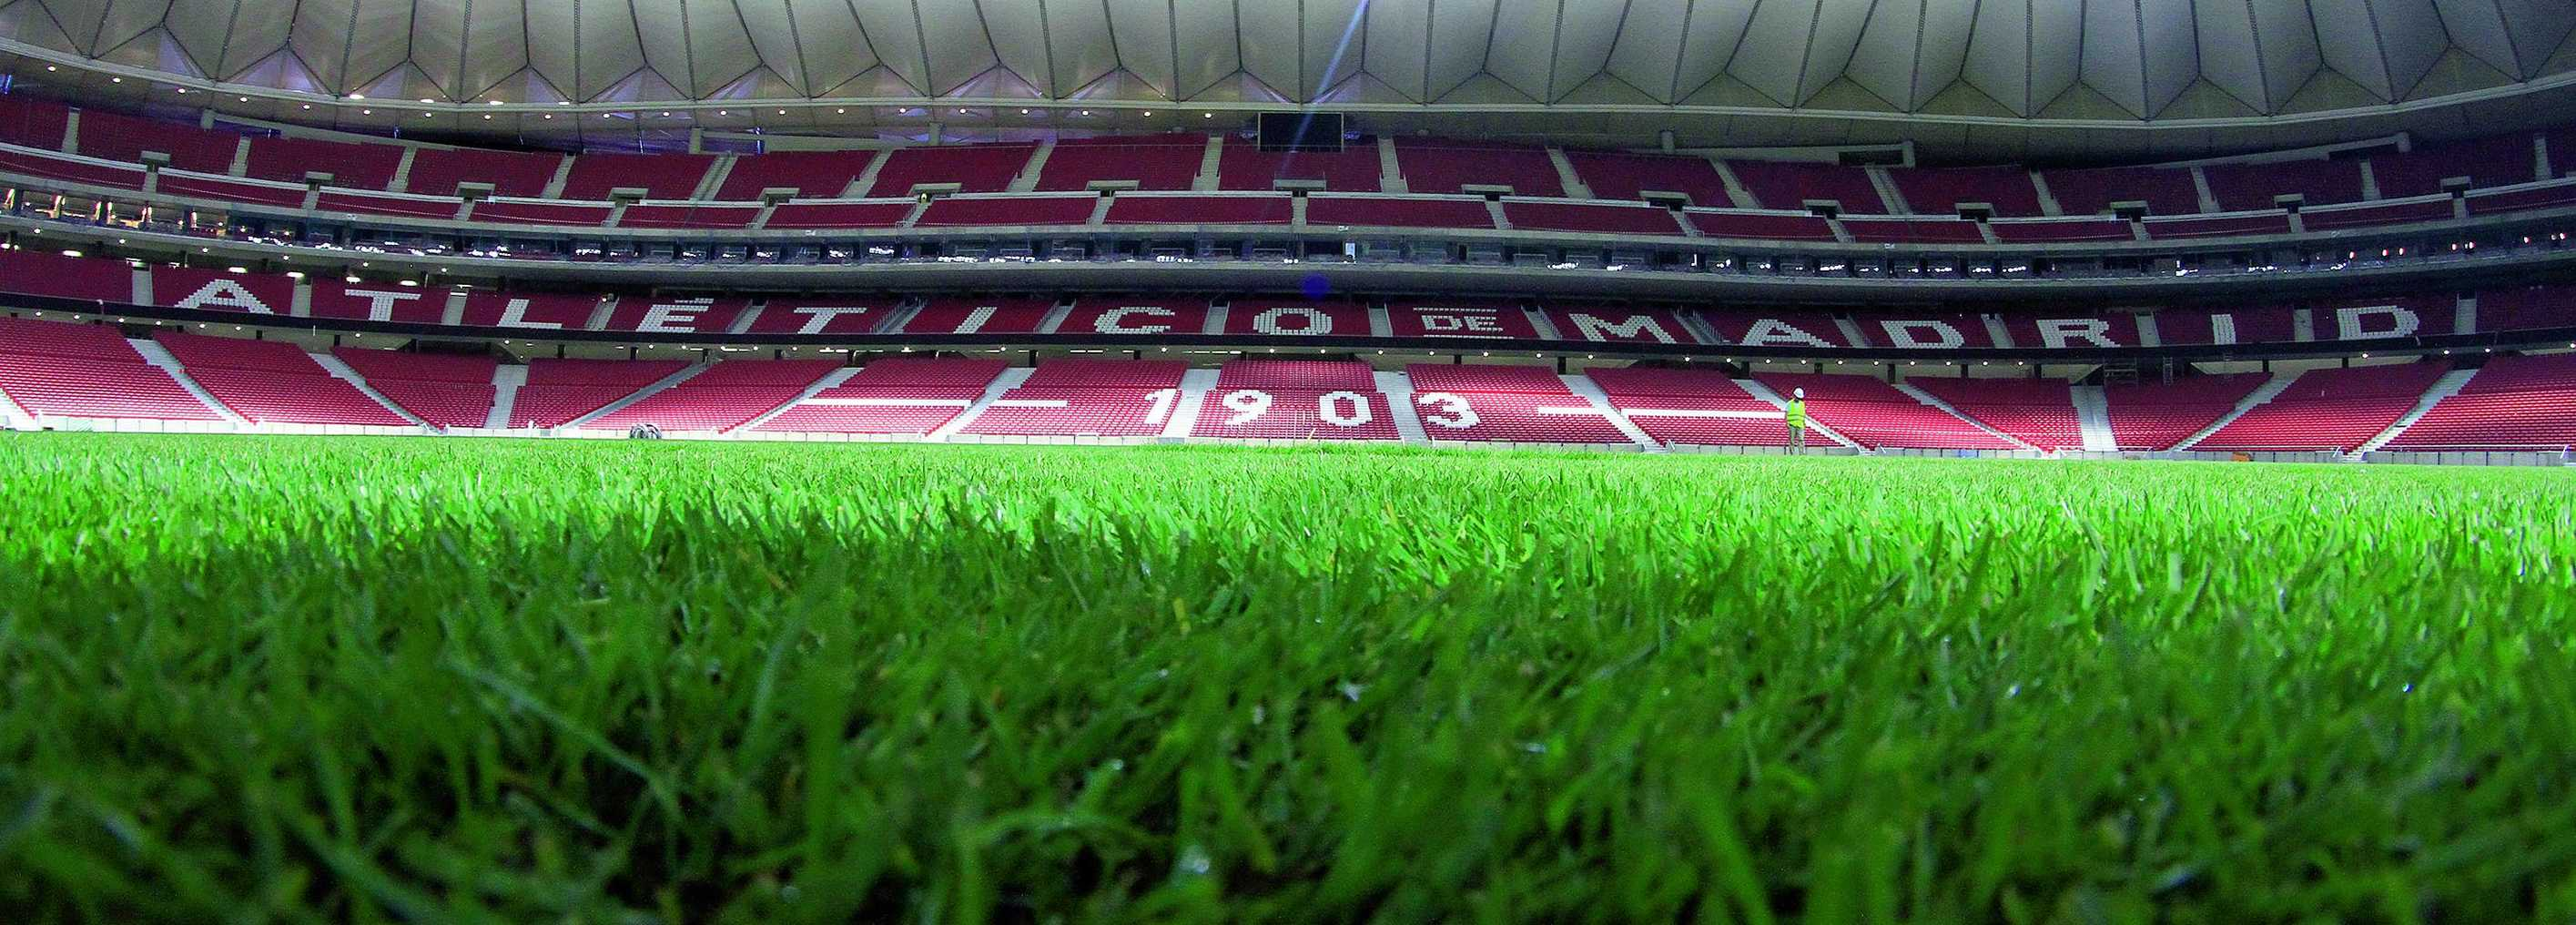 Estadio Metropolitano: El Atlético de Madrid regresa al futuro